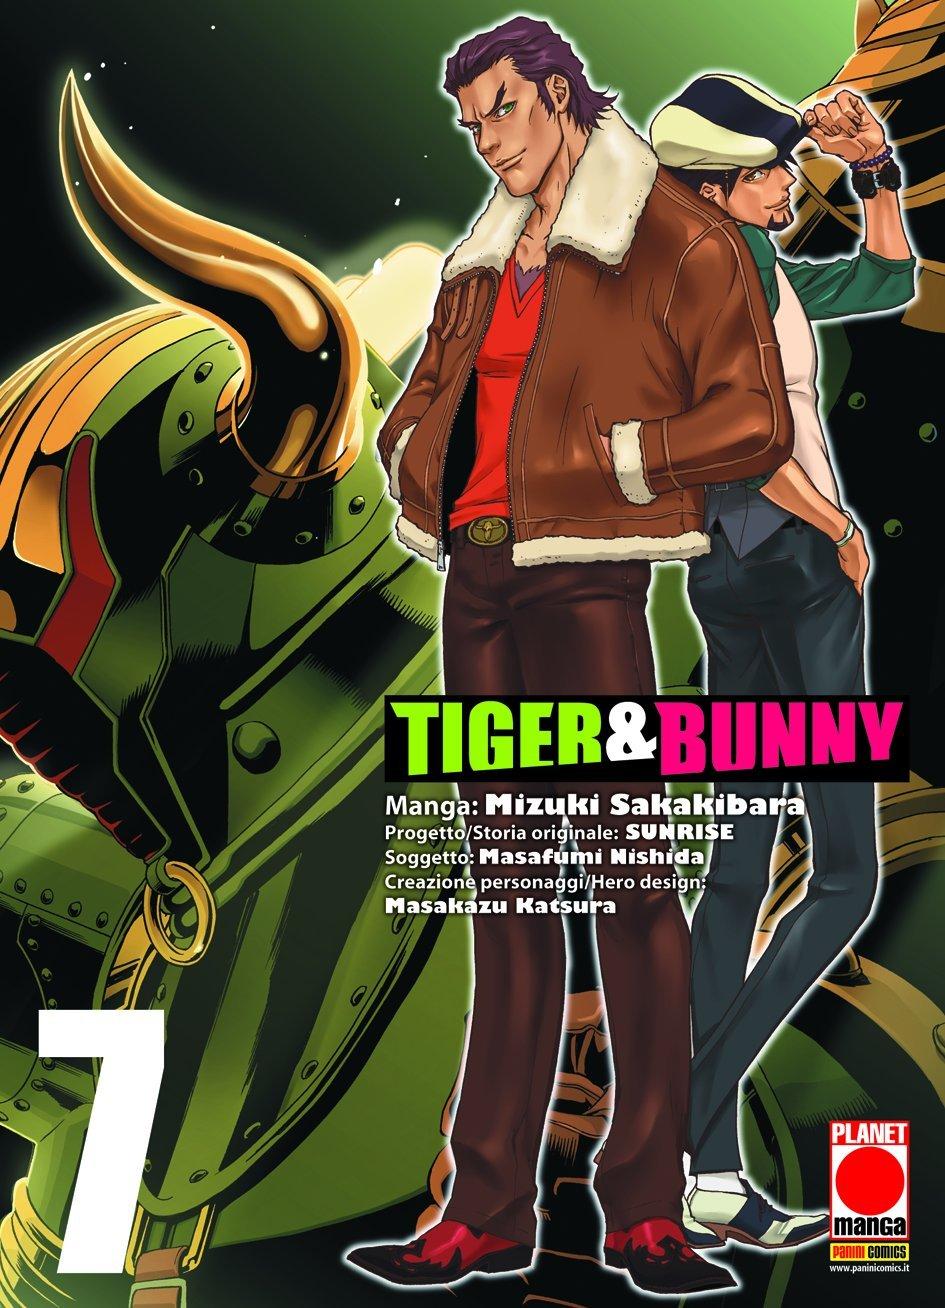 Tiger & Bunny vol. 7